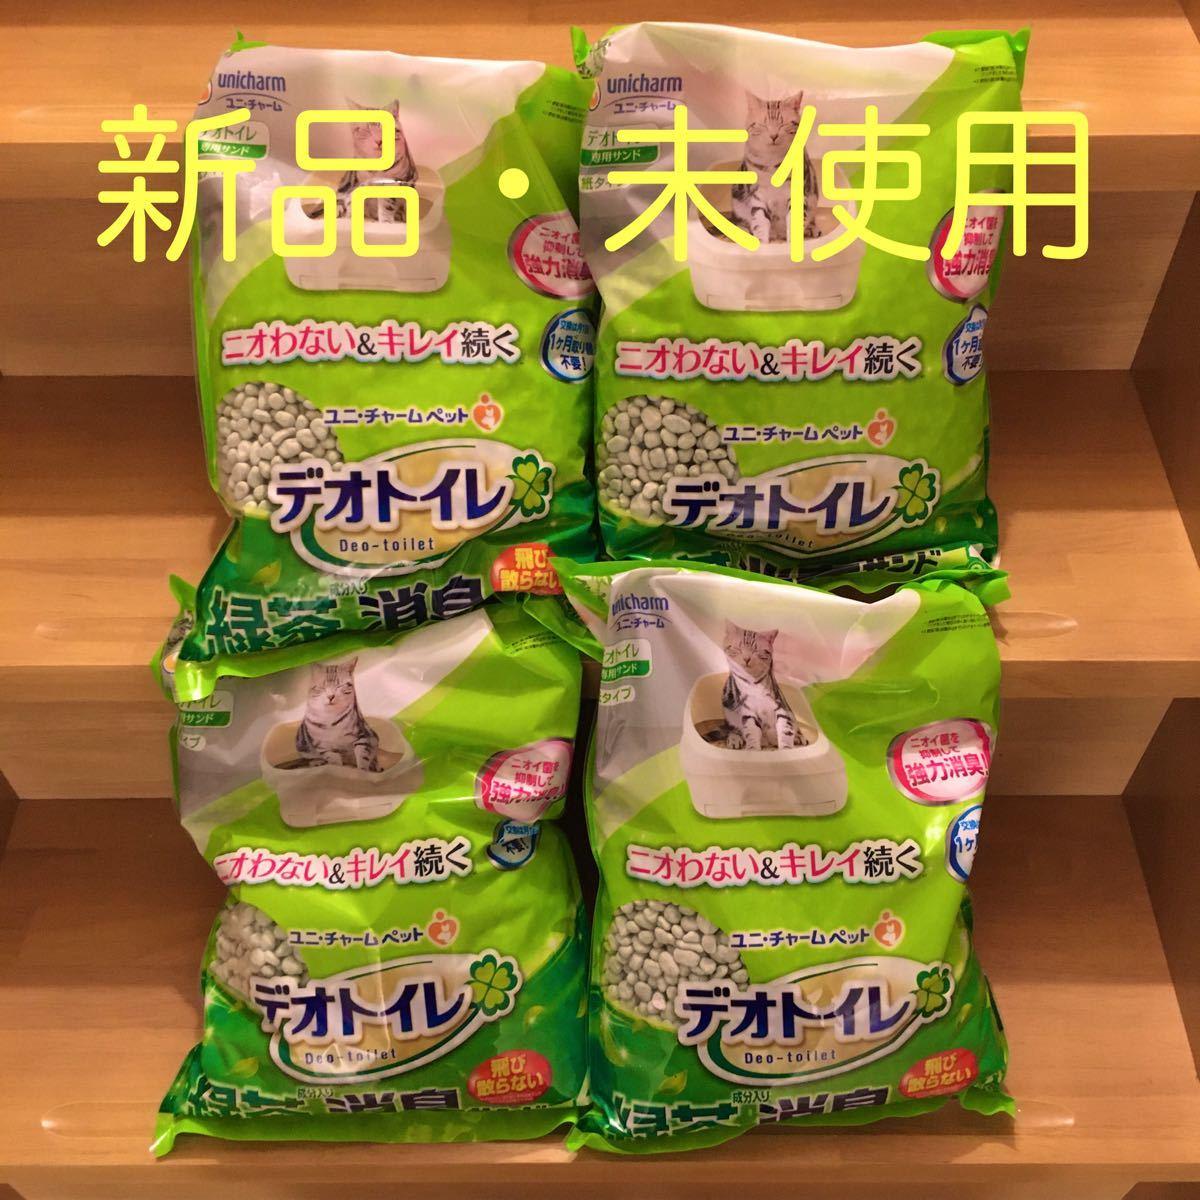 ユニチャームペット デオトイレ 飛び散らない緑茶消臭成分入り 消臭サンド 4L×4袋セット